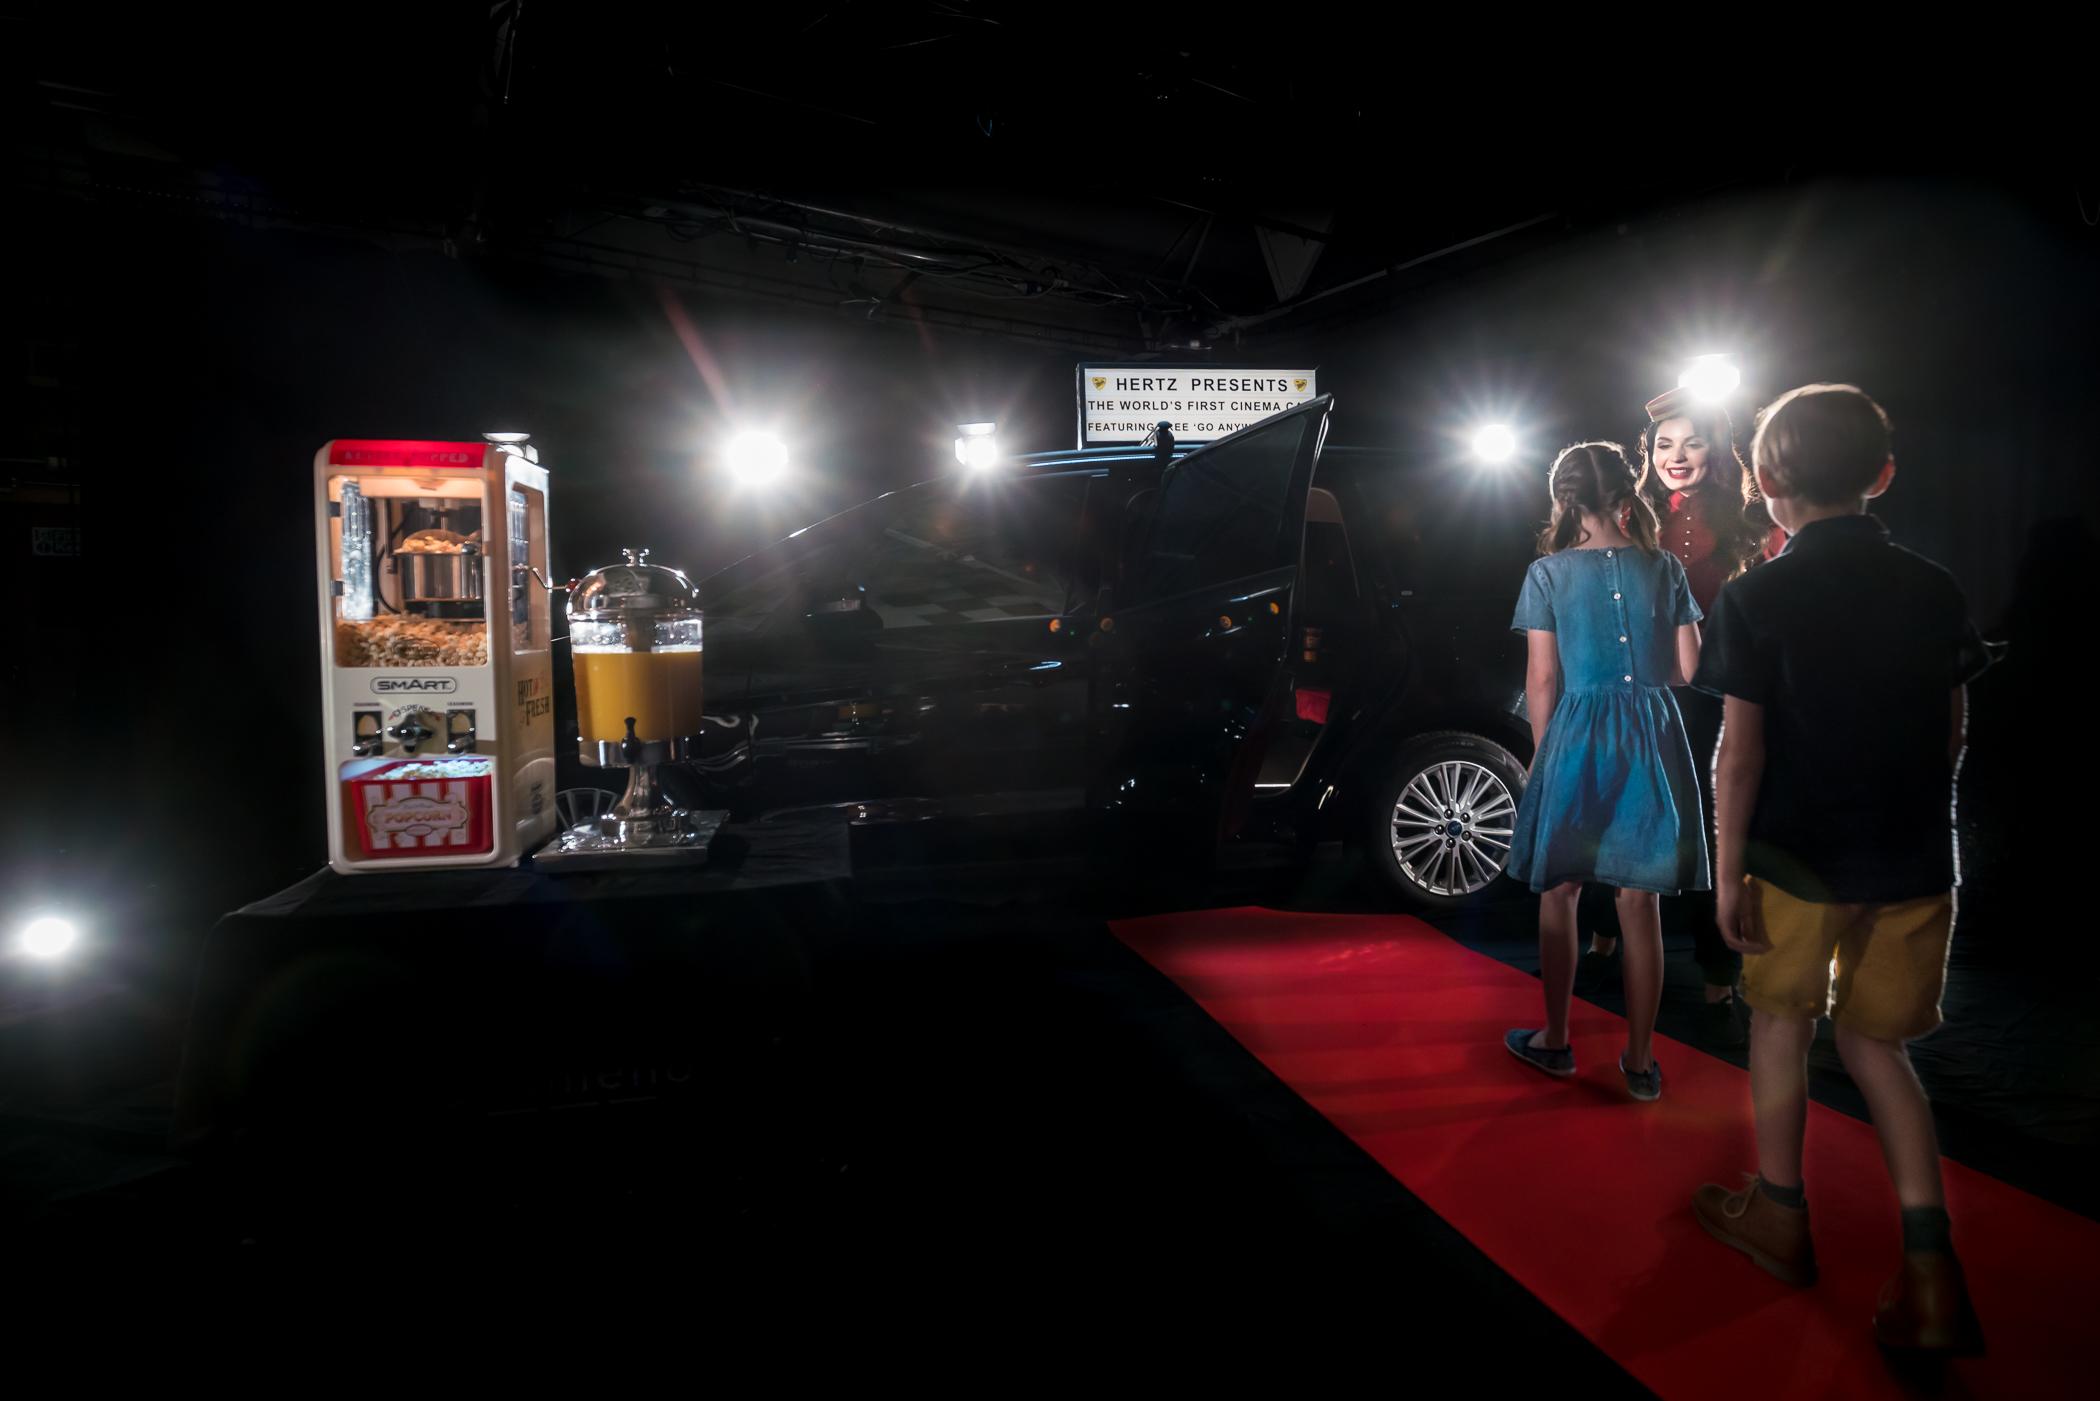 hertz cinema car-01625.jpg